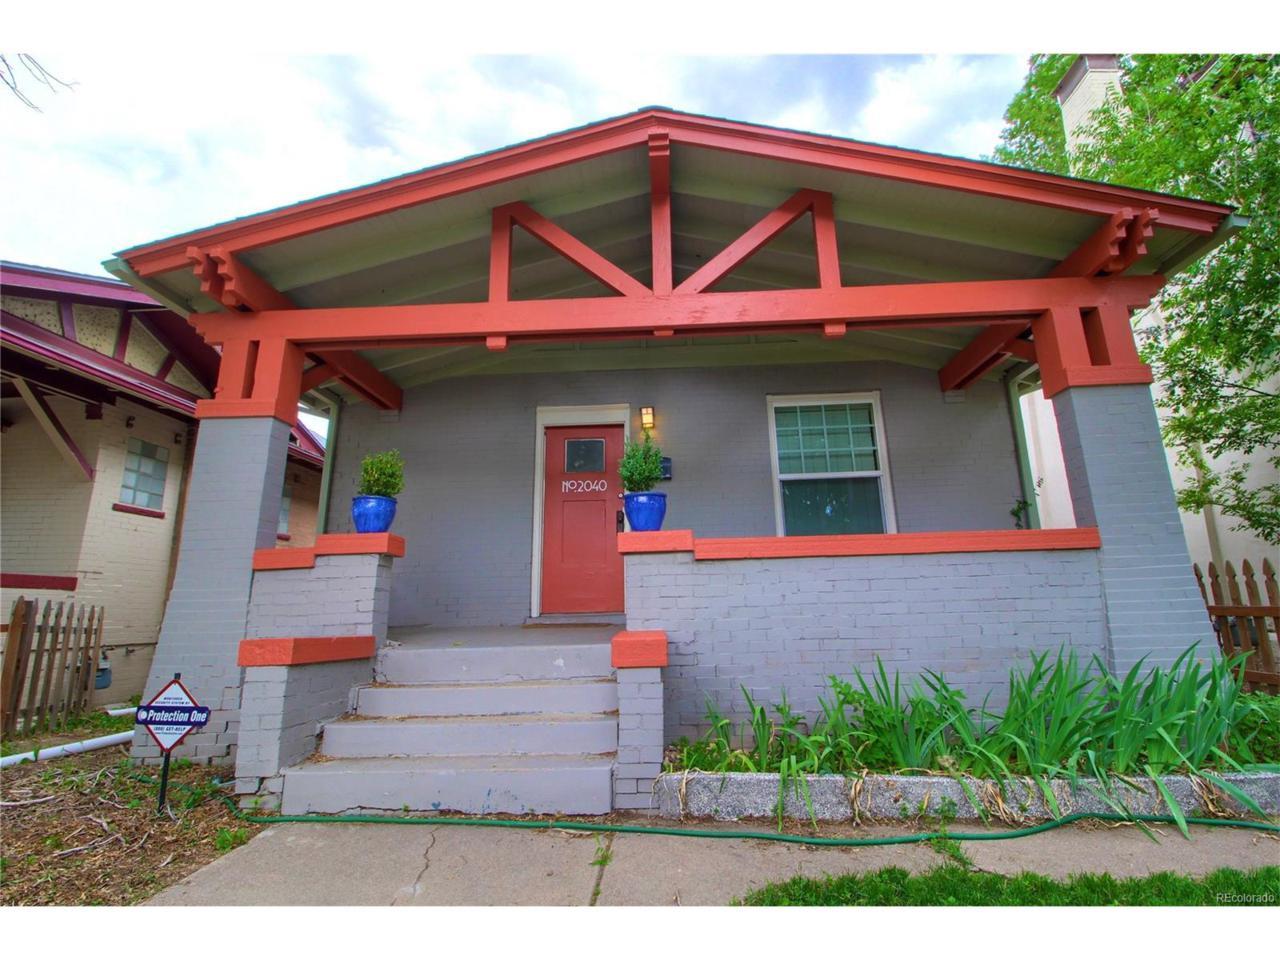 2040 Federal Boulevard, Denver, CO 80211 (MLS #8681239) :: 8z Real Estate